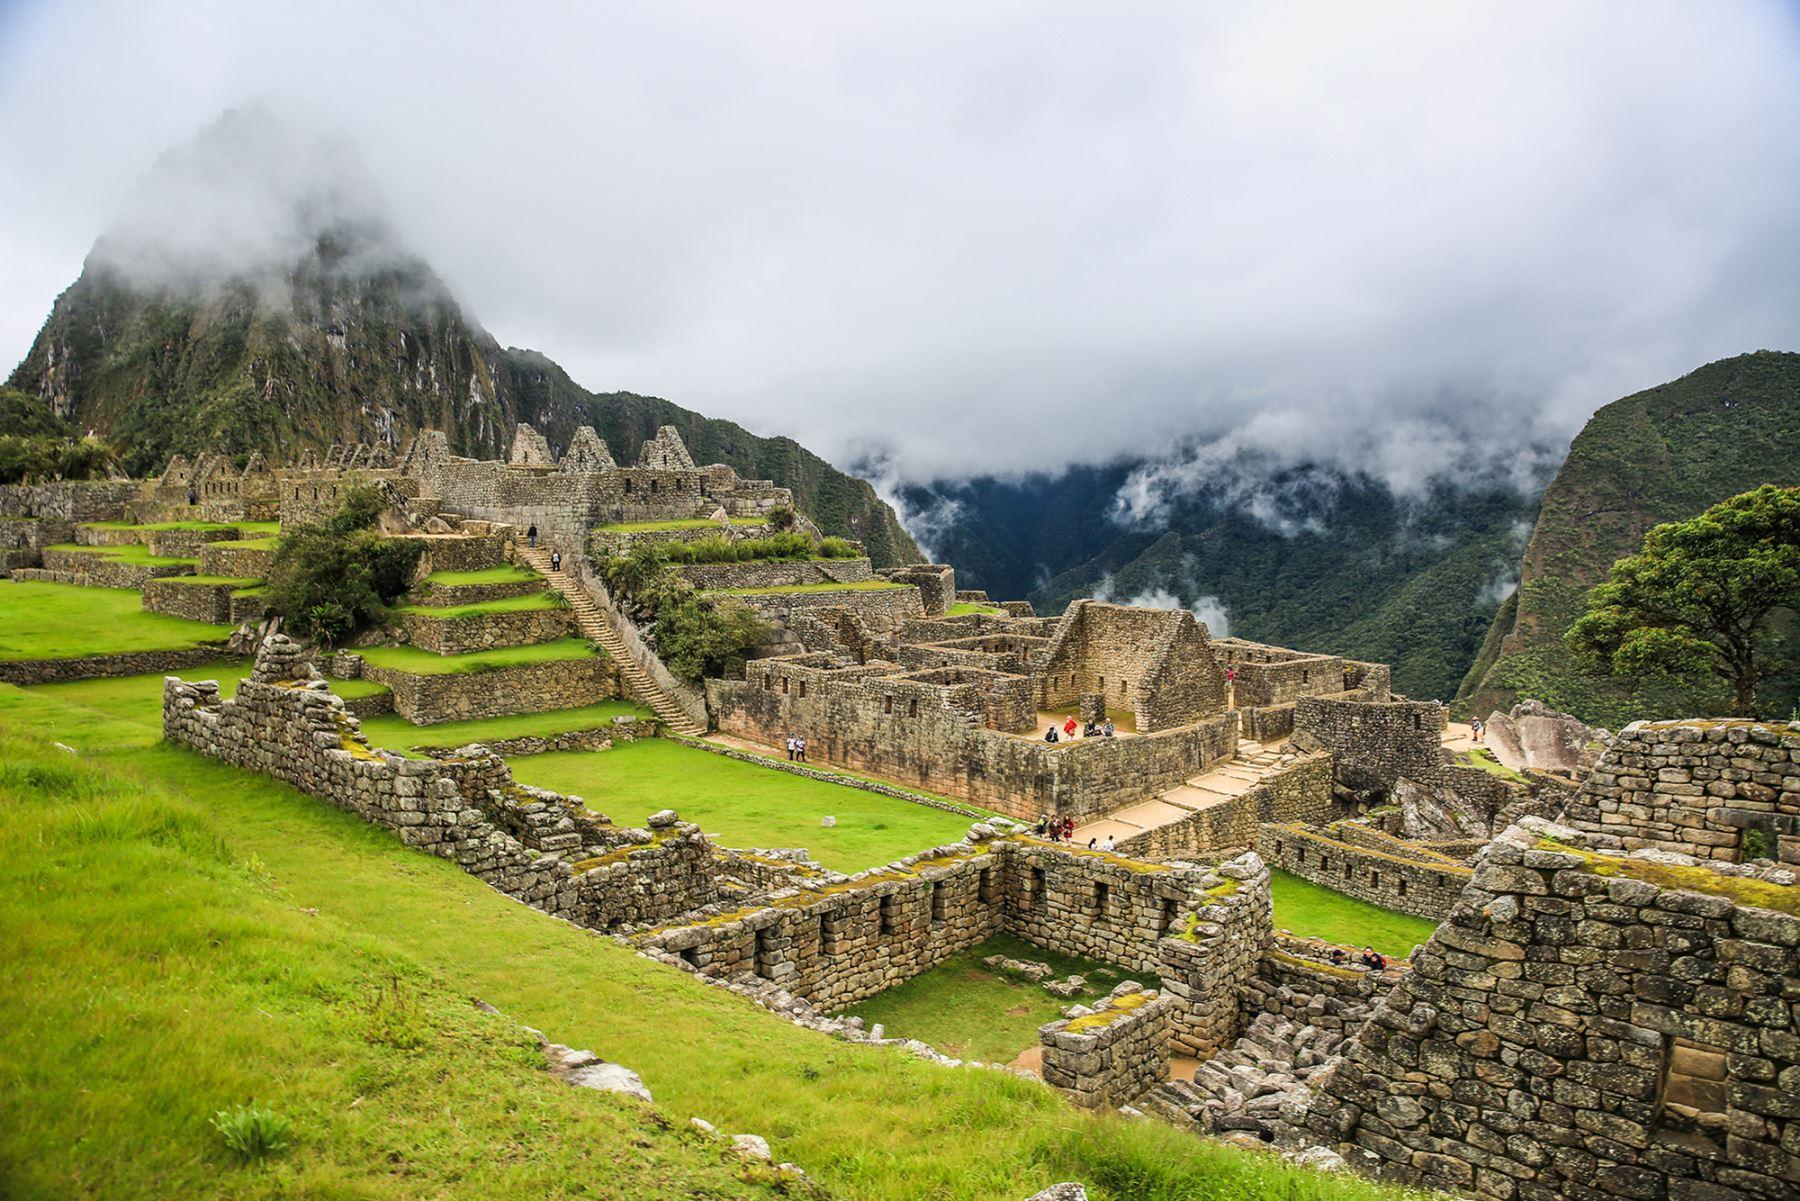 Las autoridades de los tres niveles de gobierno acordaron elaborar una agenda conjunta e integral para conservar el Santuario Histórico de Machu Picchu. Foto: Cortesía